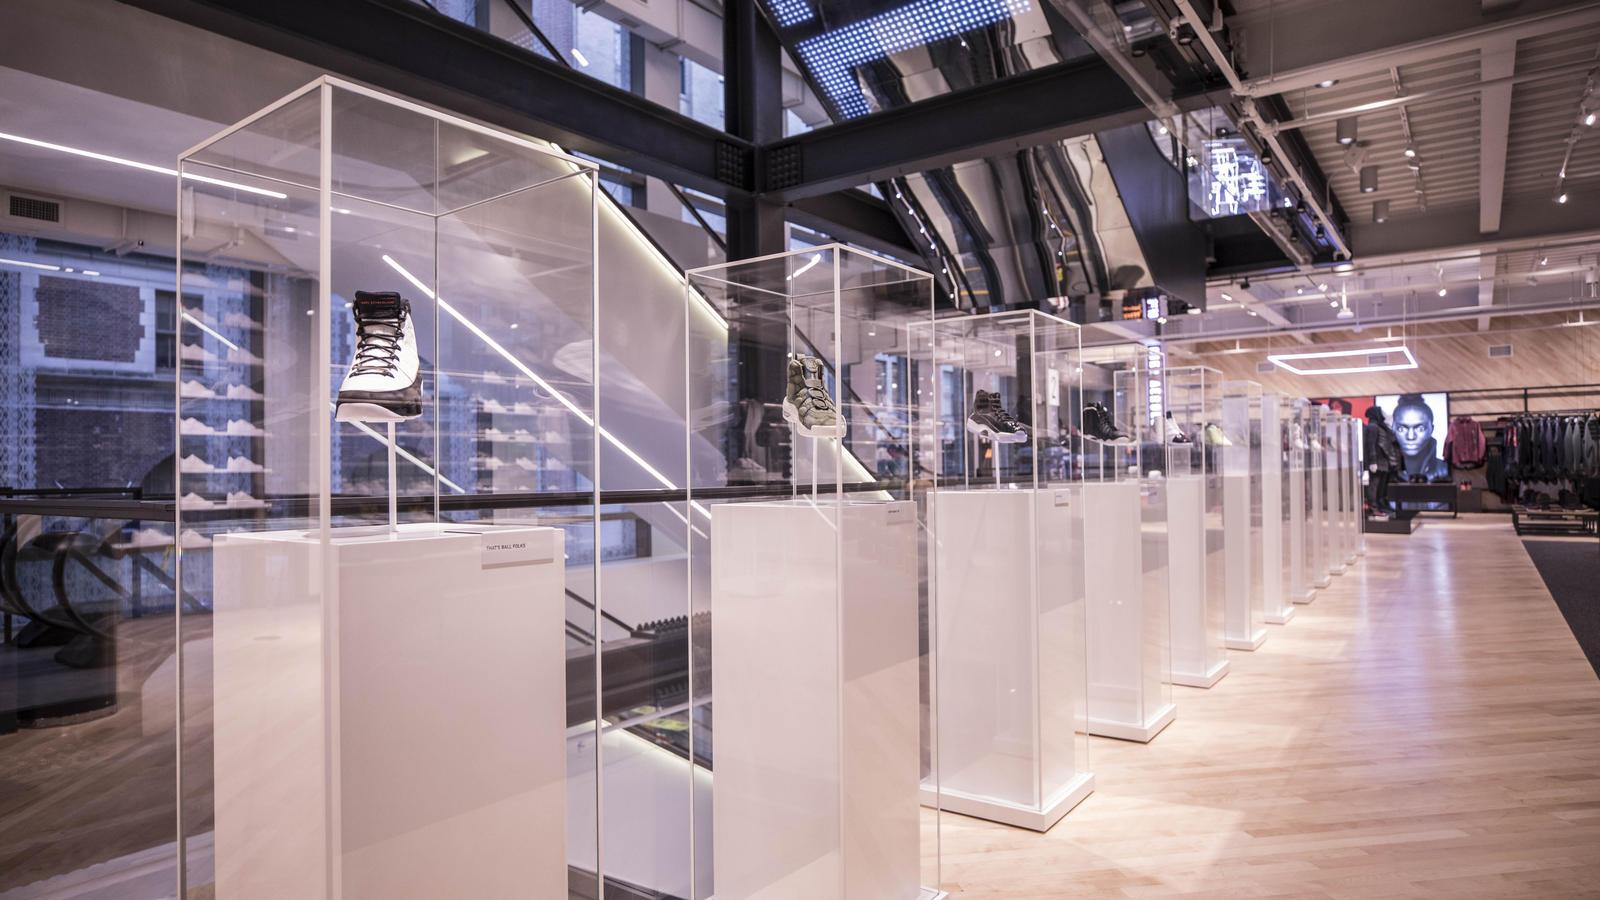 6a913747f60 First Look: Inside Nike Soho - Nike News